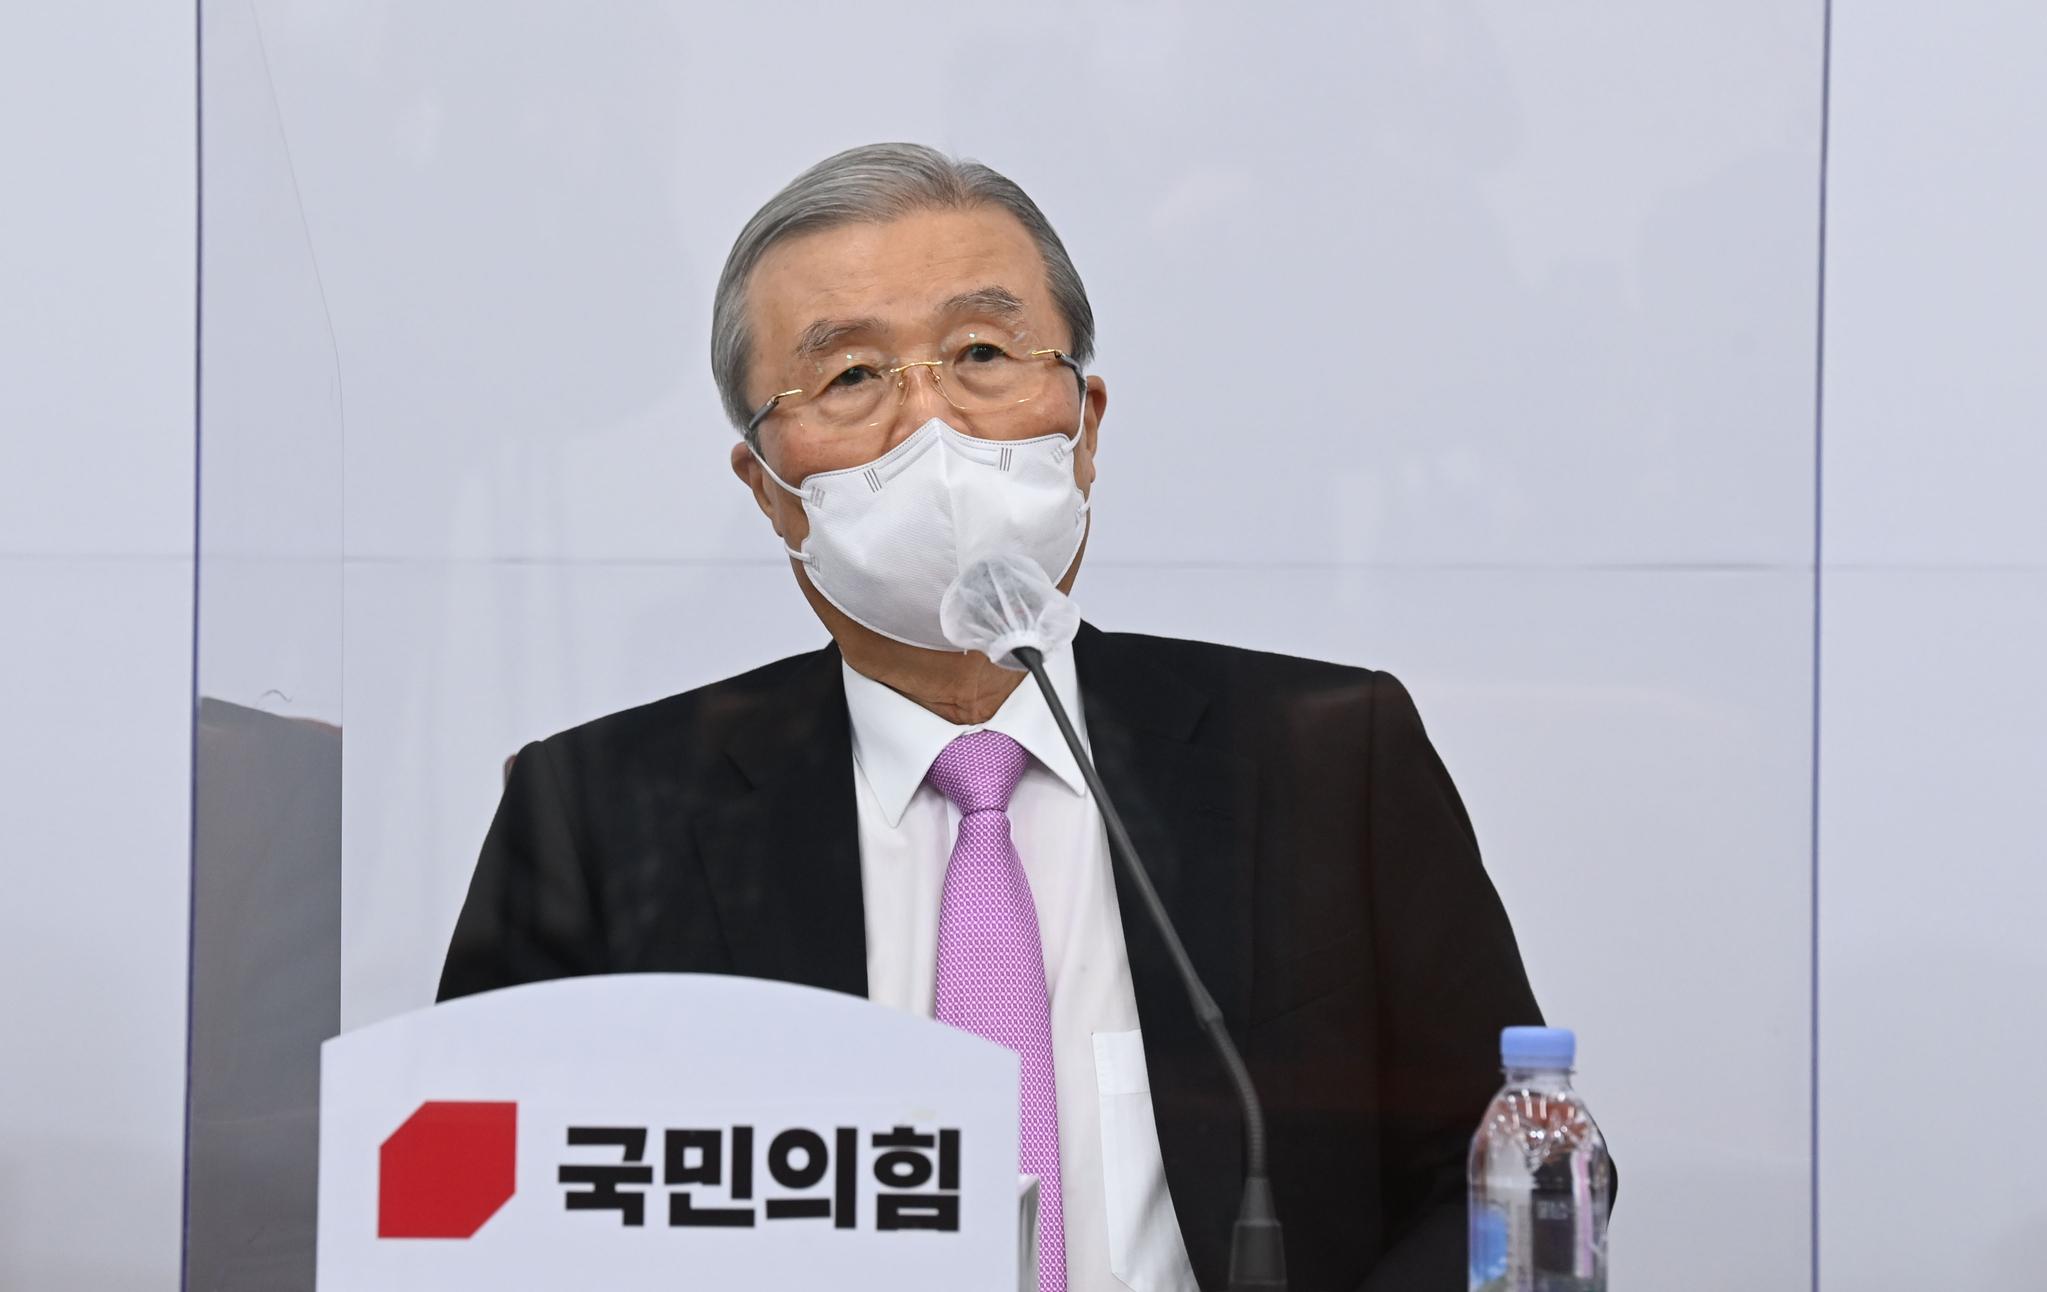 20일 오전 국회에서 열린 국민의힘 코로나19 대책특위 회의에서 김종인 비대위원장이 모두 발언을 하고 있다. 오종택 기자